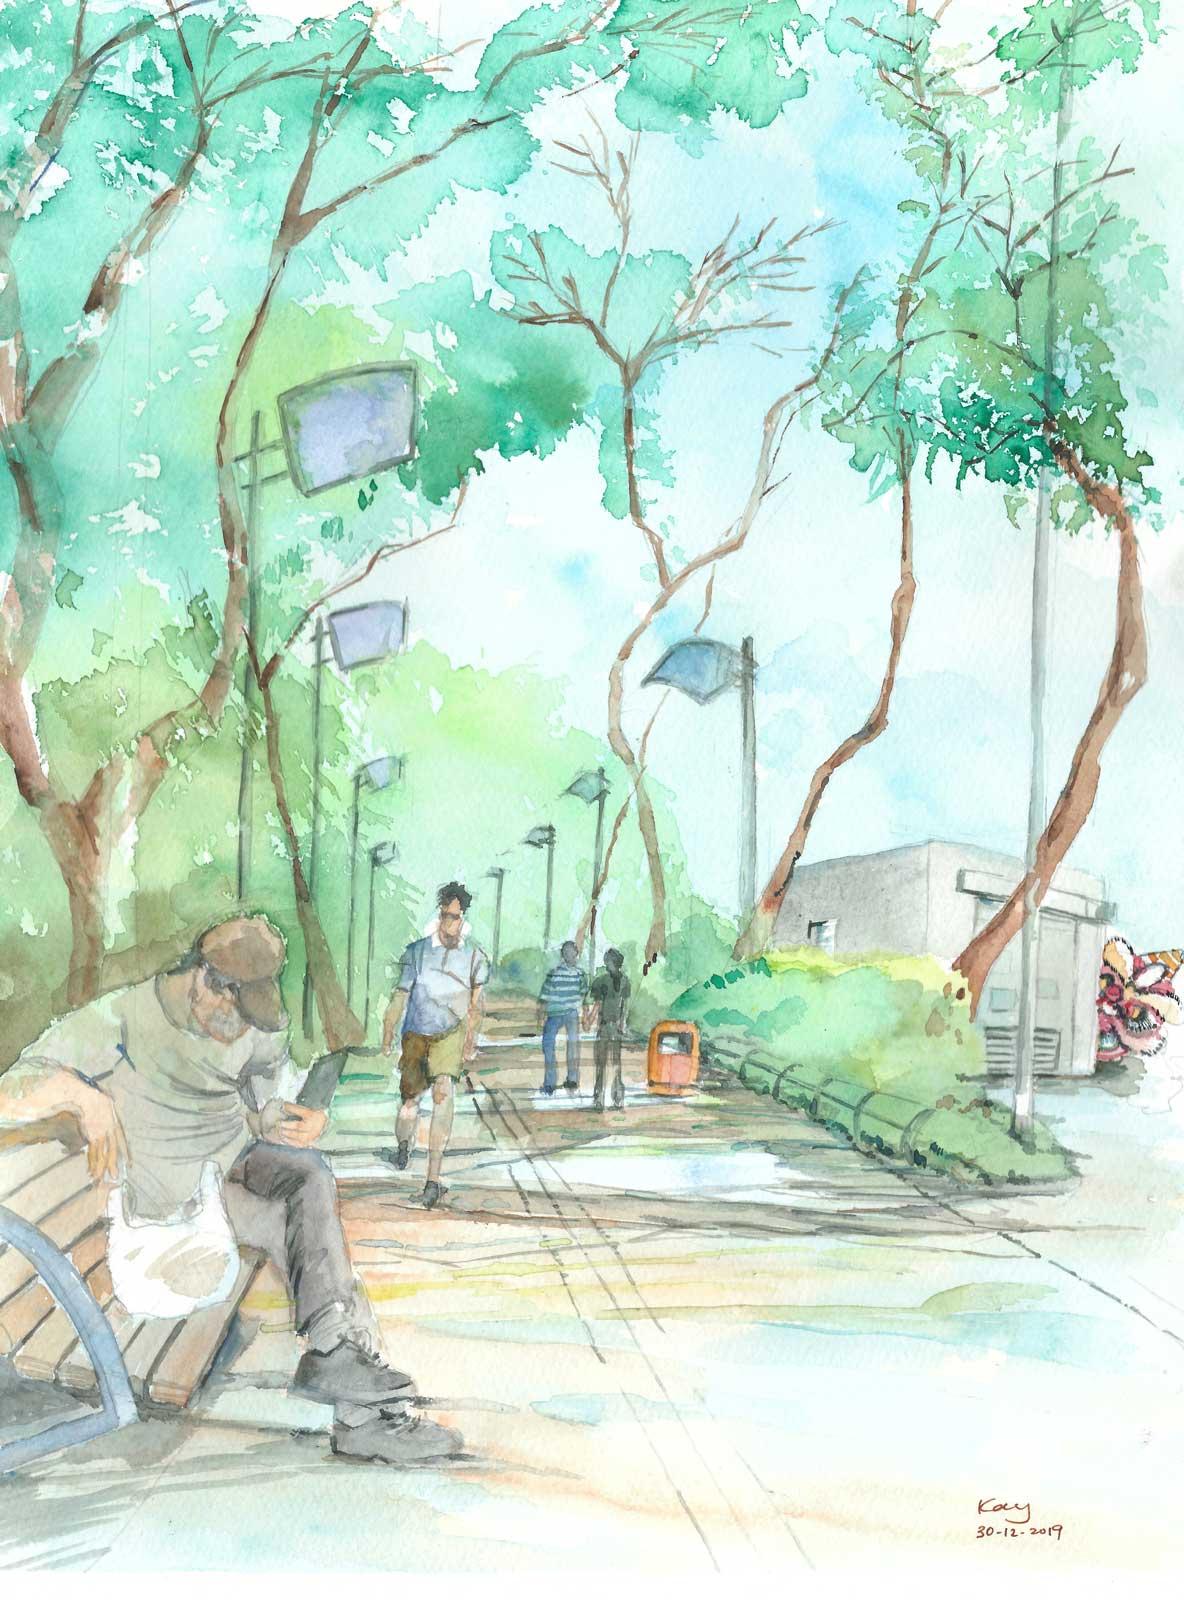 《維多利亞公園》(課堂示範)水彩 29.4cm x 38.5cm 30-12-2019